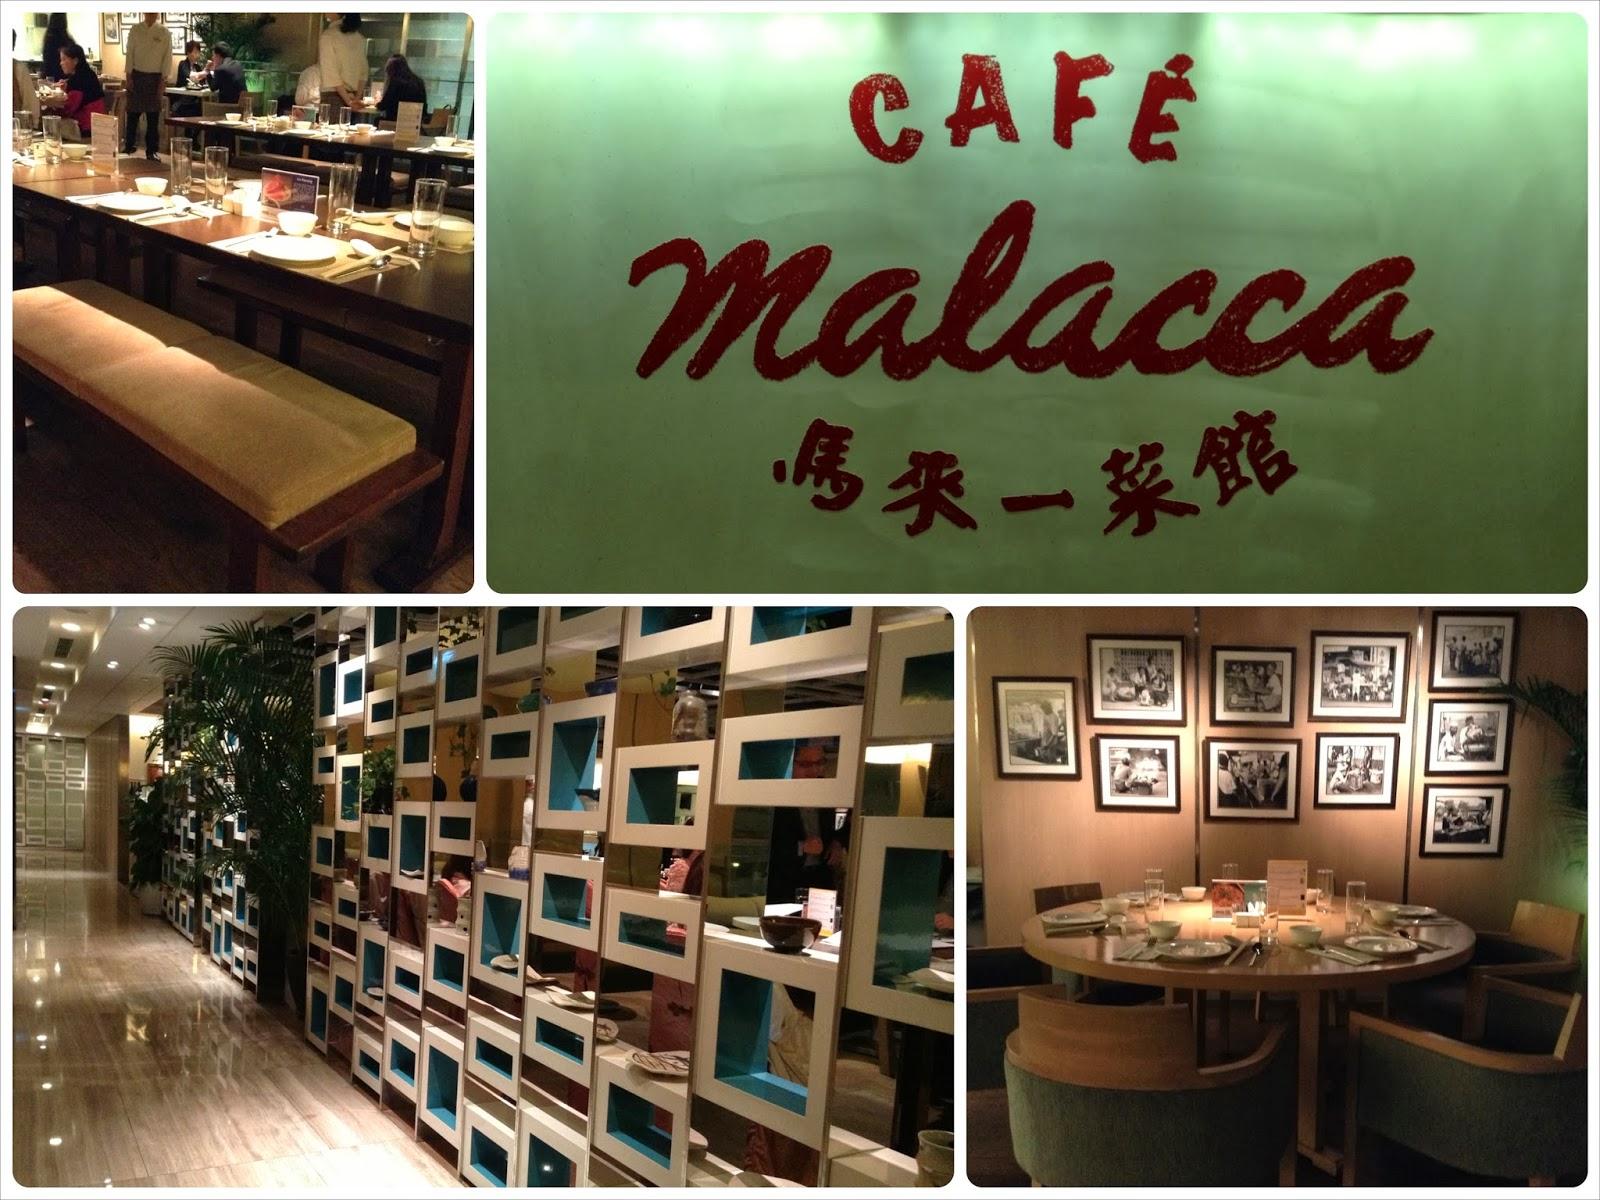 大膽創意地道星馬美食*馬來一菜館(Café Malacca)